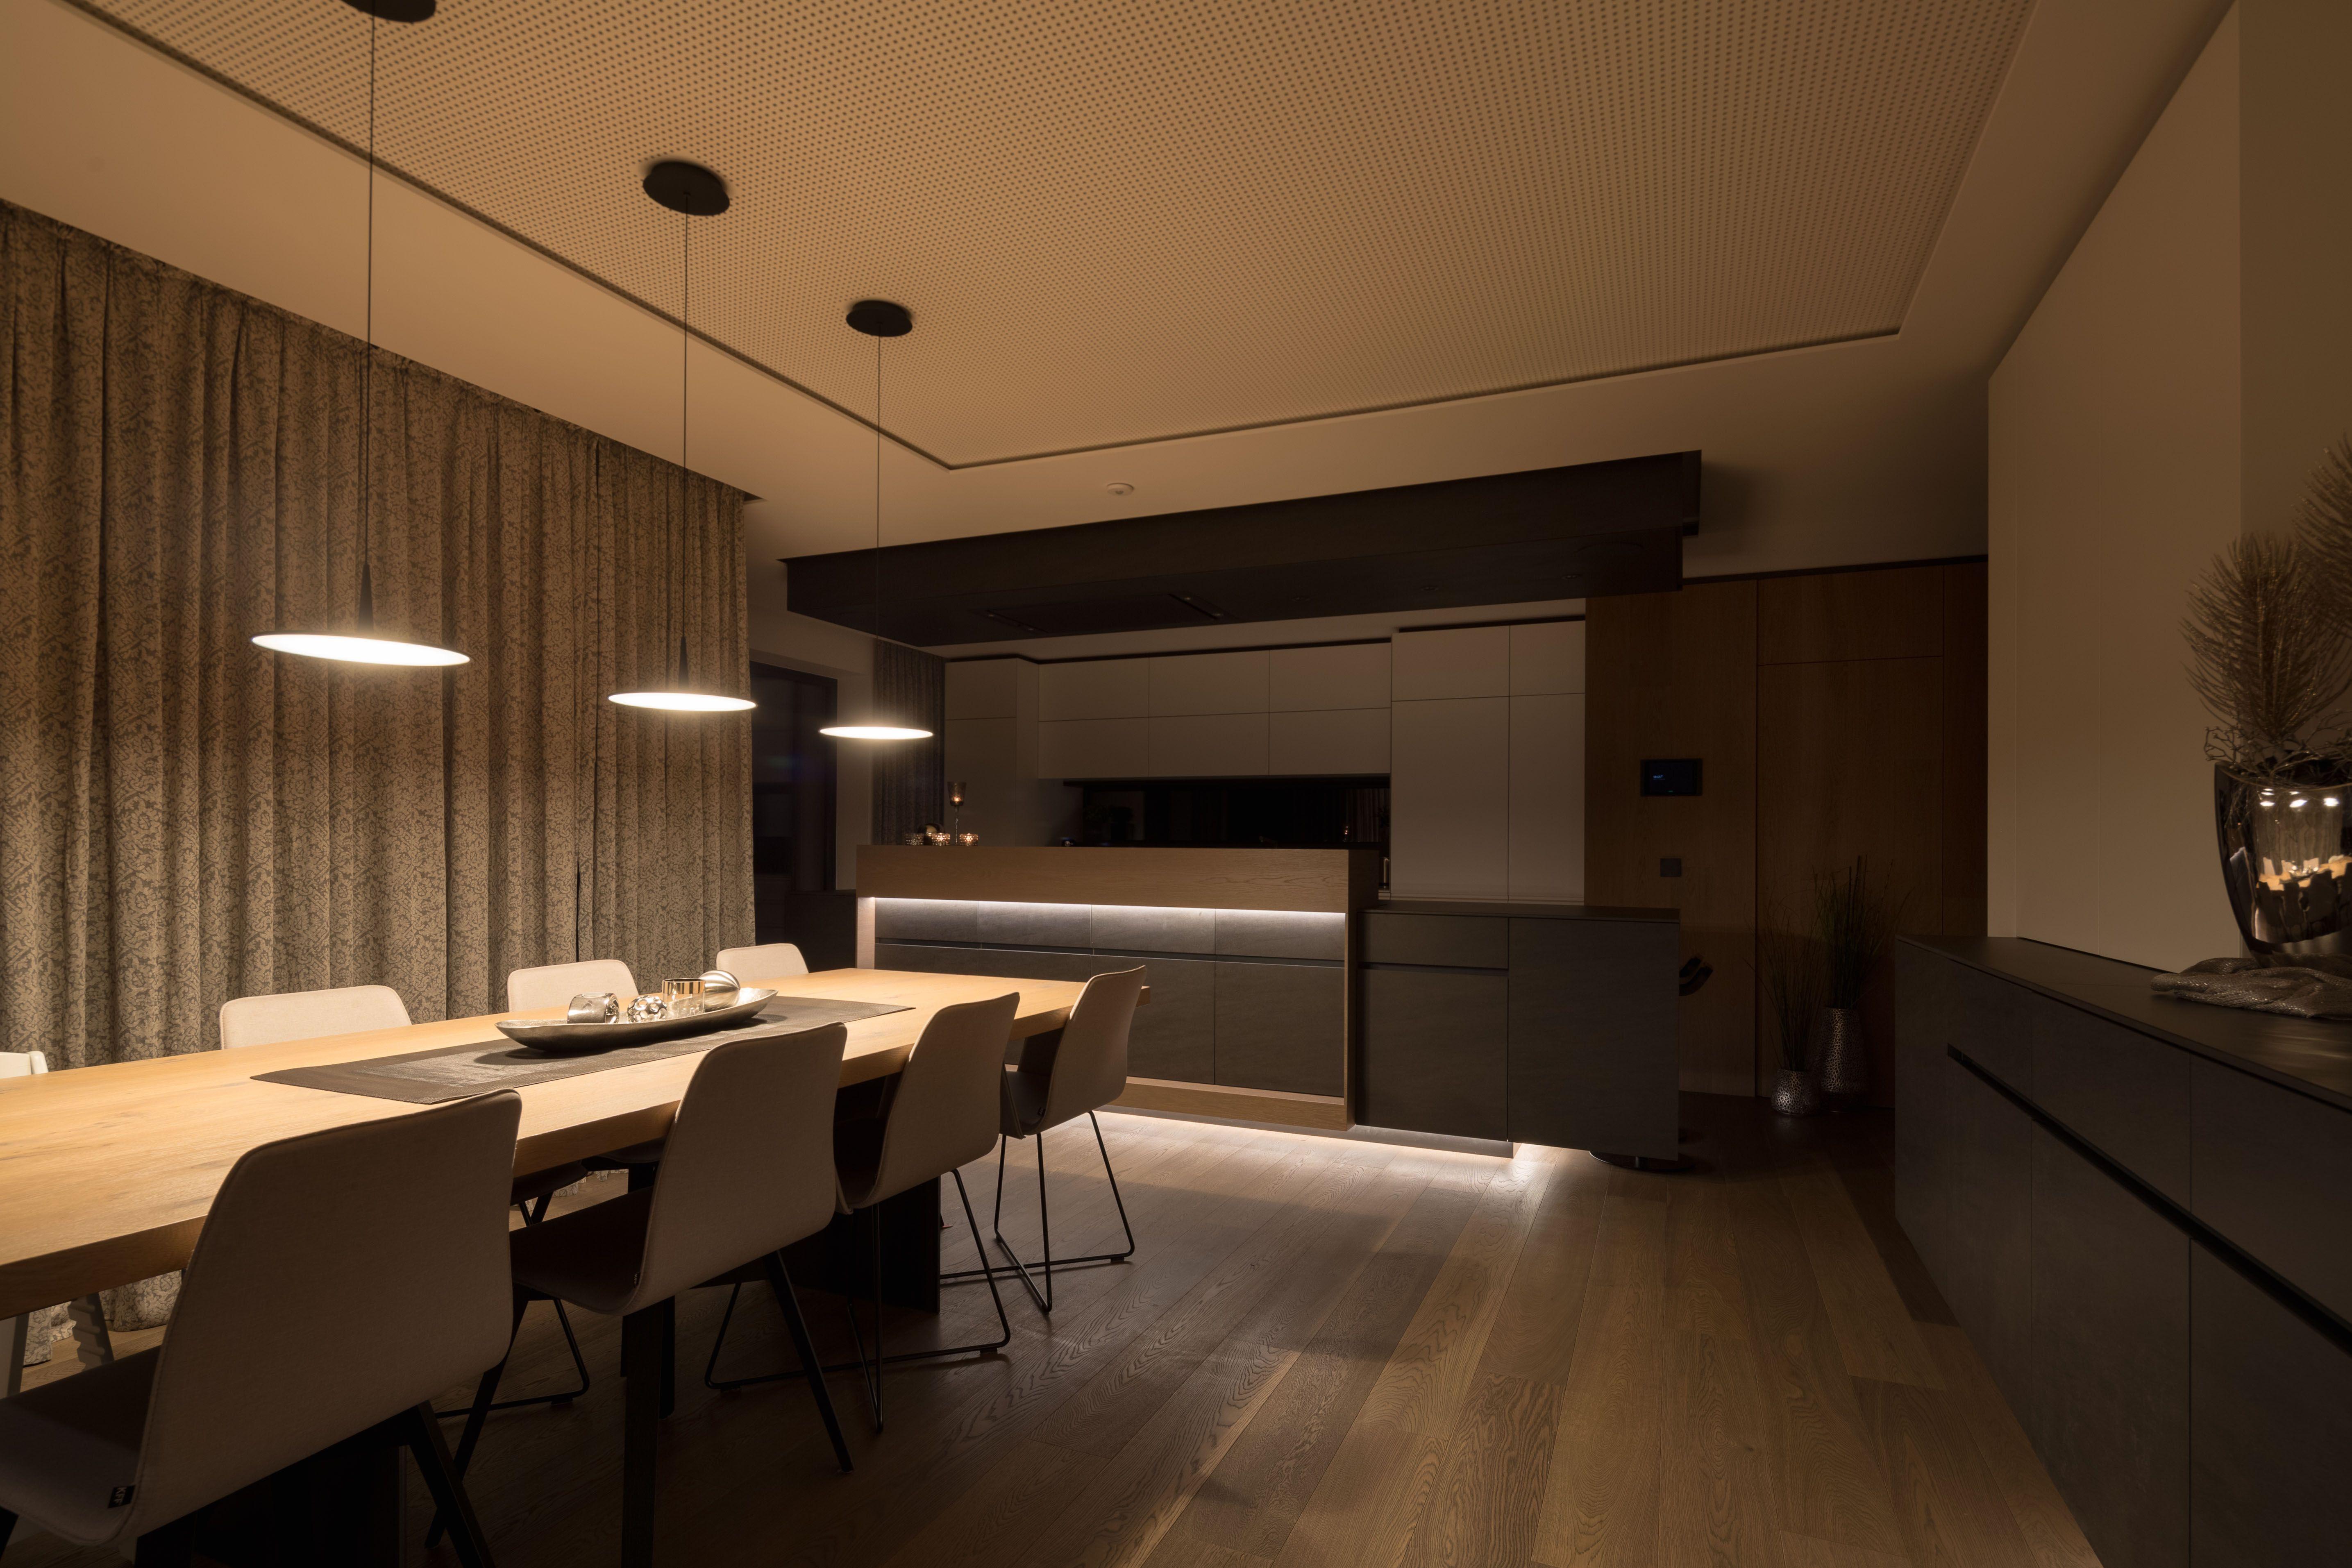 Lichtsteuerung Mit Loxone Atemberaubende Beleuchtung Beleuchtung Intelligentes Haus Lichtsteuerung